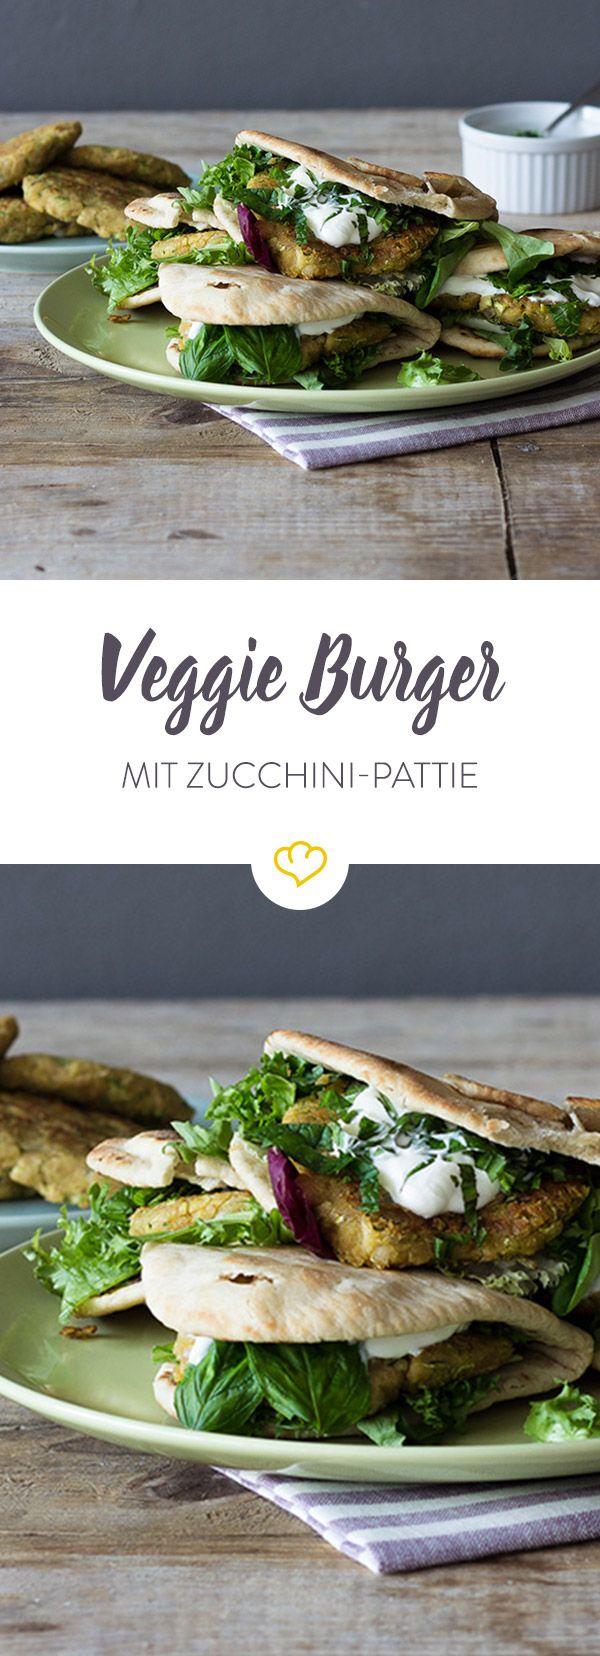 Diese Burger sind leicht, machen satt und lassen sich im Handumdrehen zubereiten - Zucchini und Kichererbsen sei Dank.